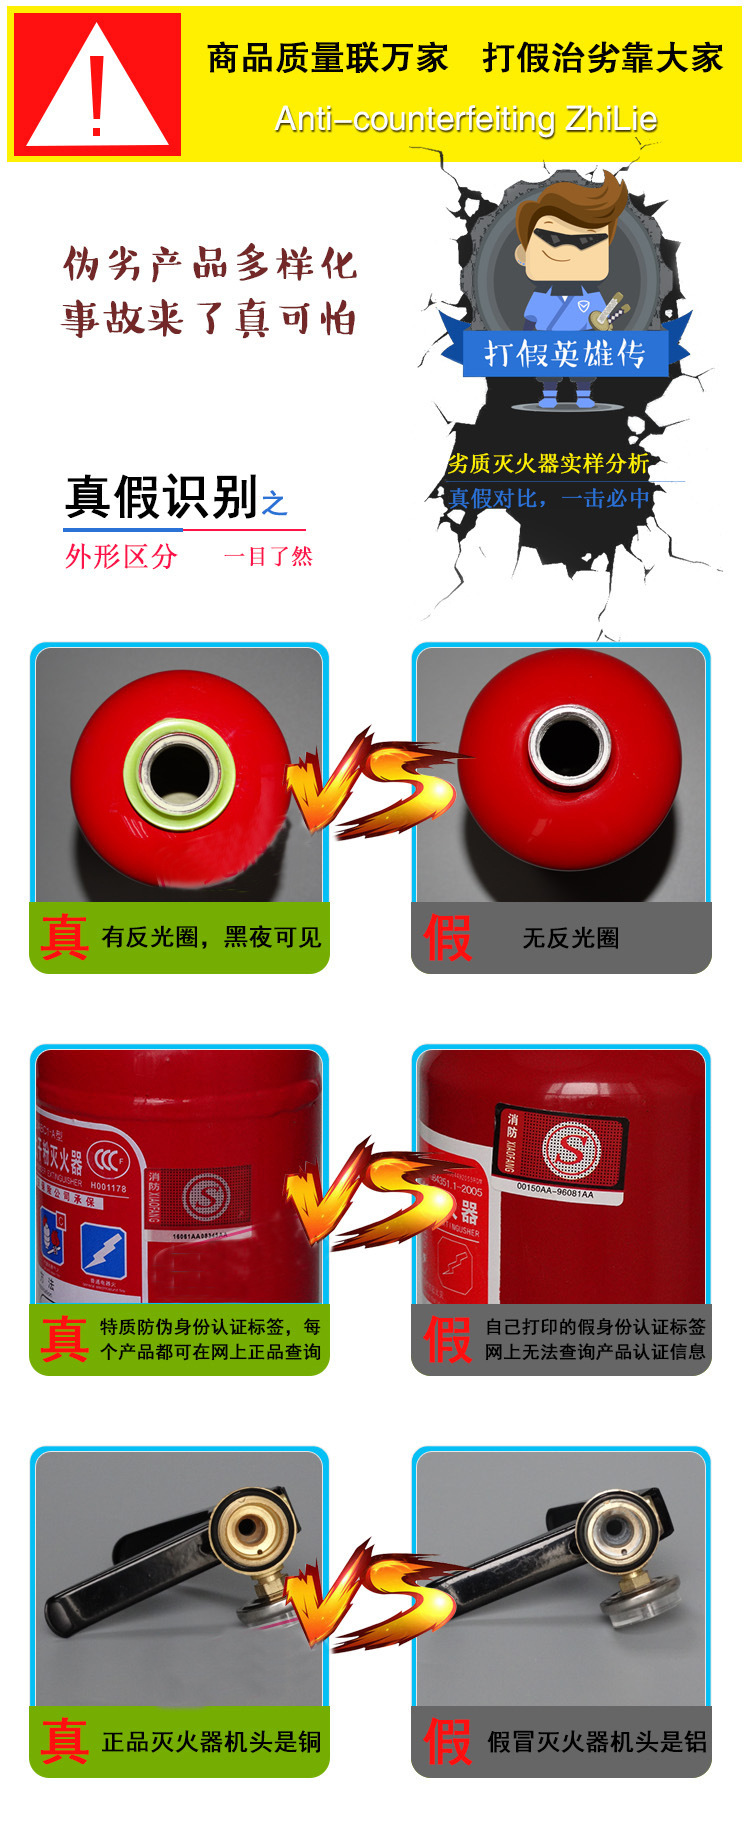 厂家批发悬挂式自动干粉灭火器 超细干粉灭火器自动灭火 欧伦泰示例图5